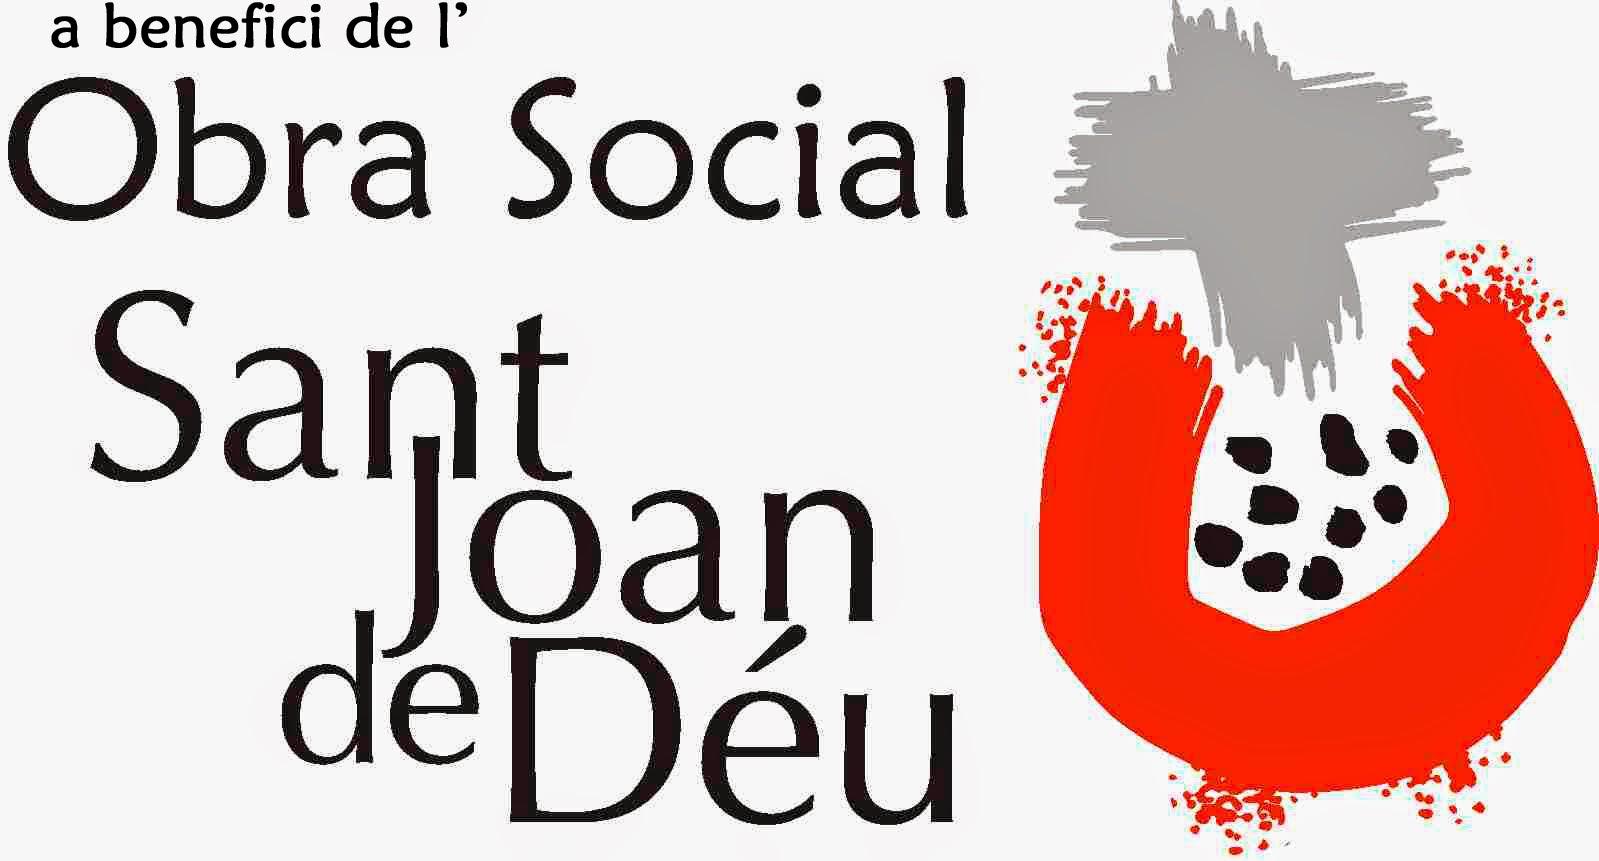 Obra Social Sant Joan de Déu